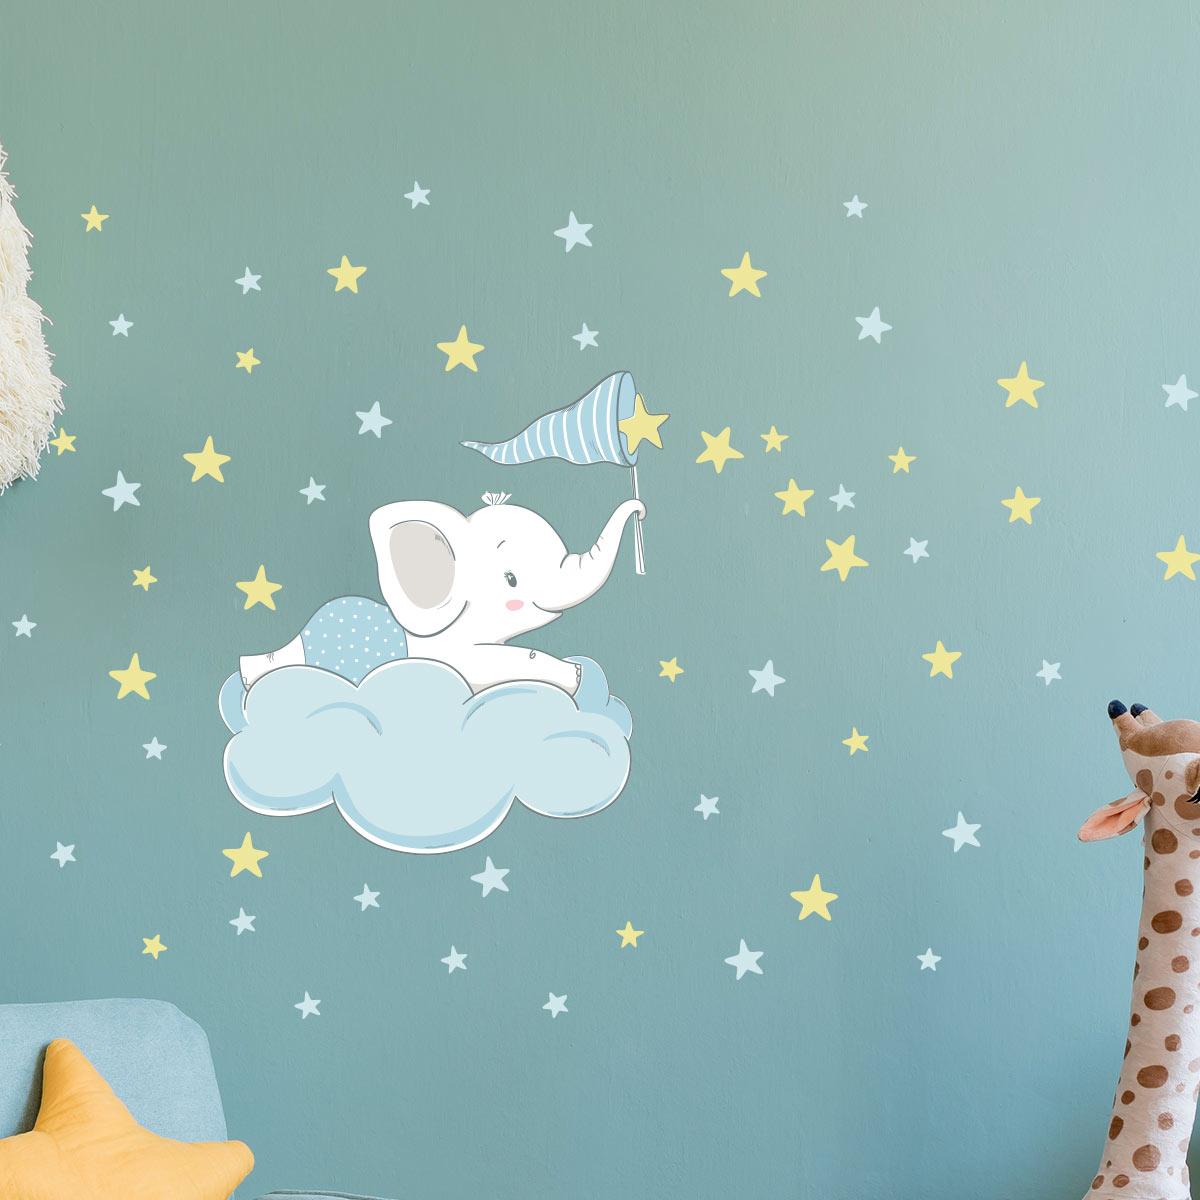 Wandtattoos Kind Junge Elefant Fangt Die 60 Sterne Wandtattoos Geschenkideen Baby Geschenke Aufkleber Ambiance Sticker